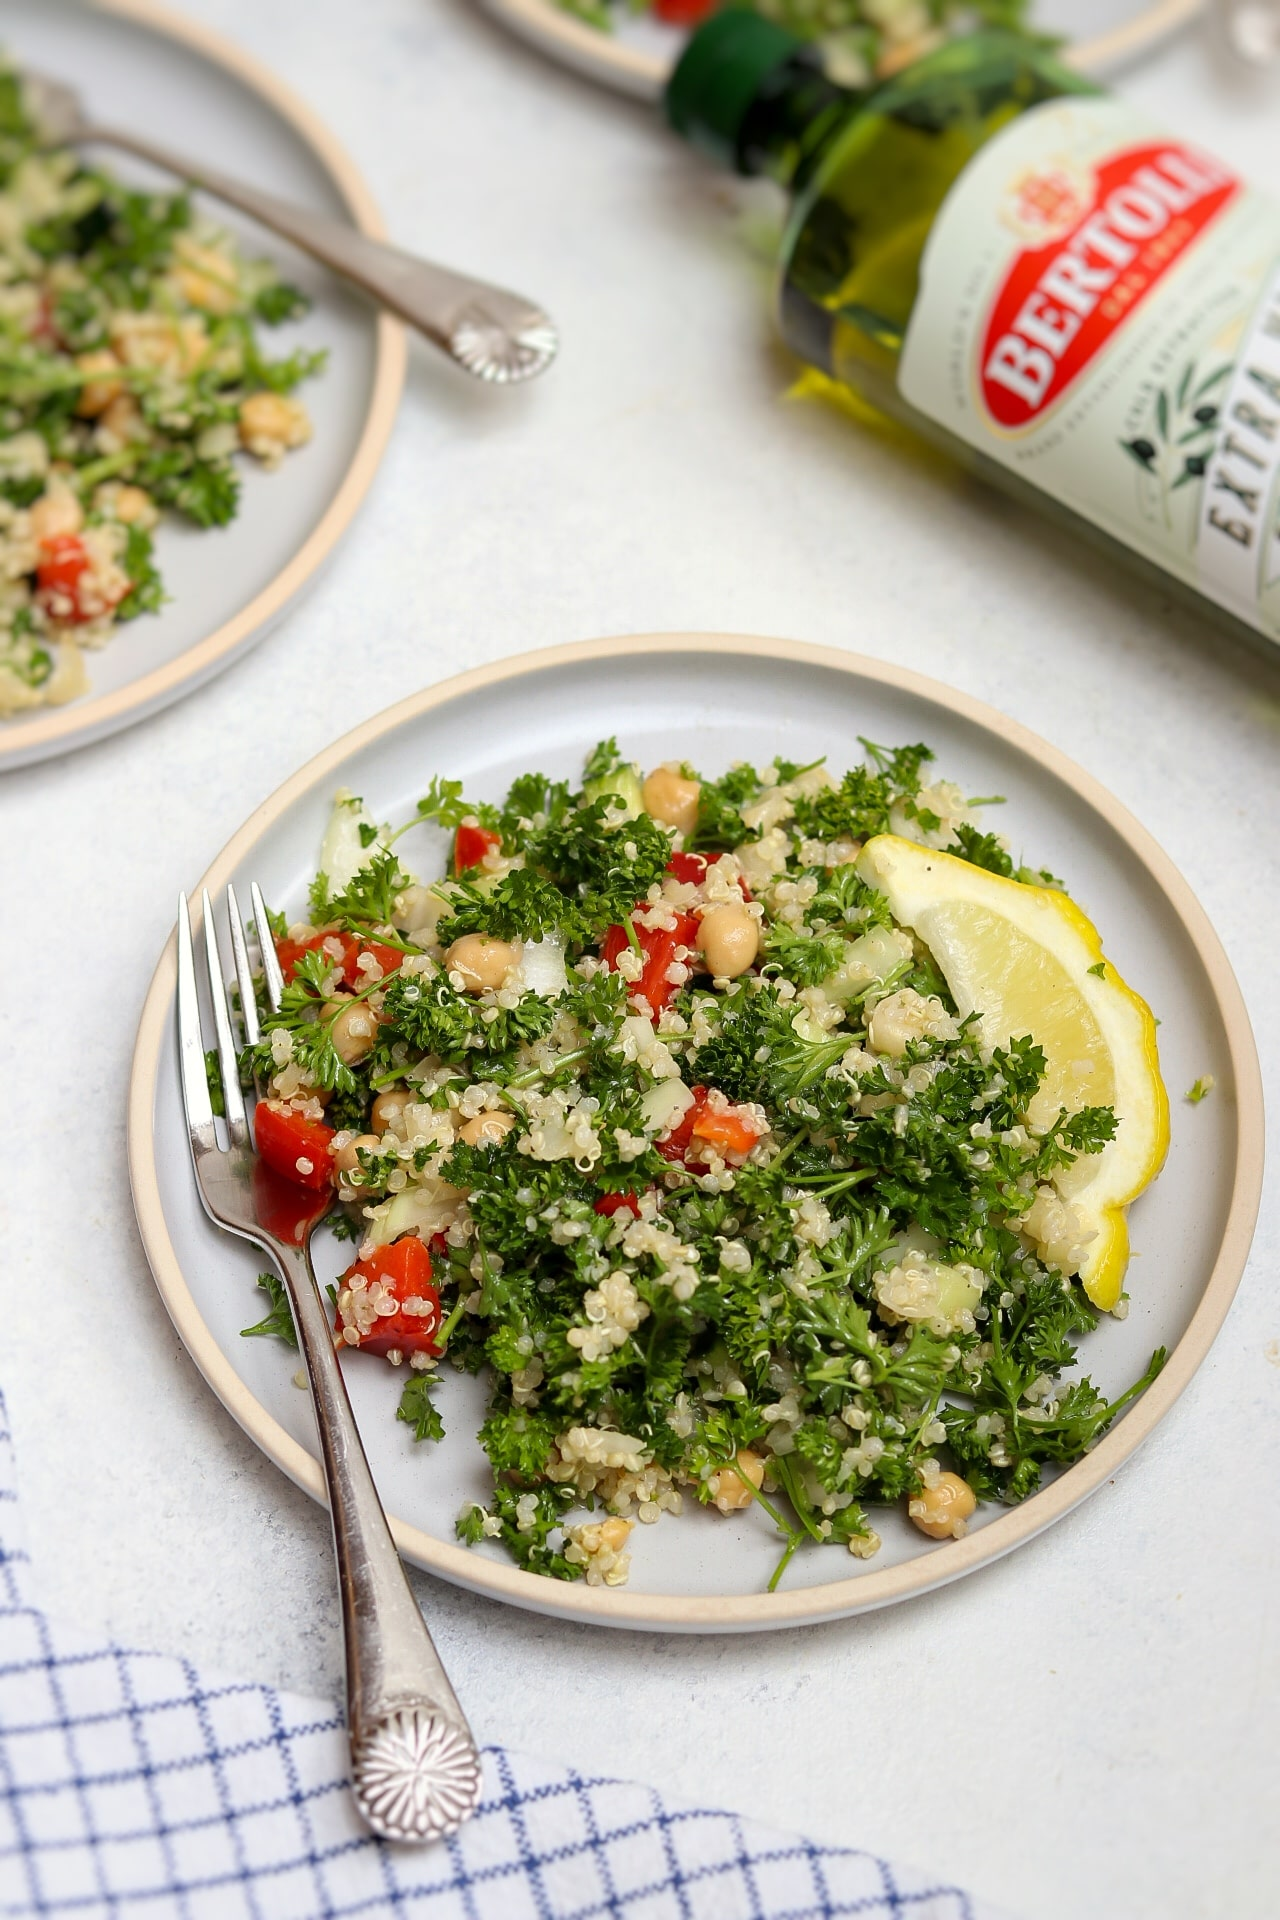 Quinoa Tabbouleh Salad represents Bertolli quality olive oil.